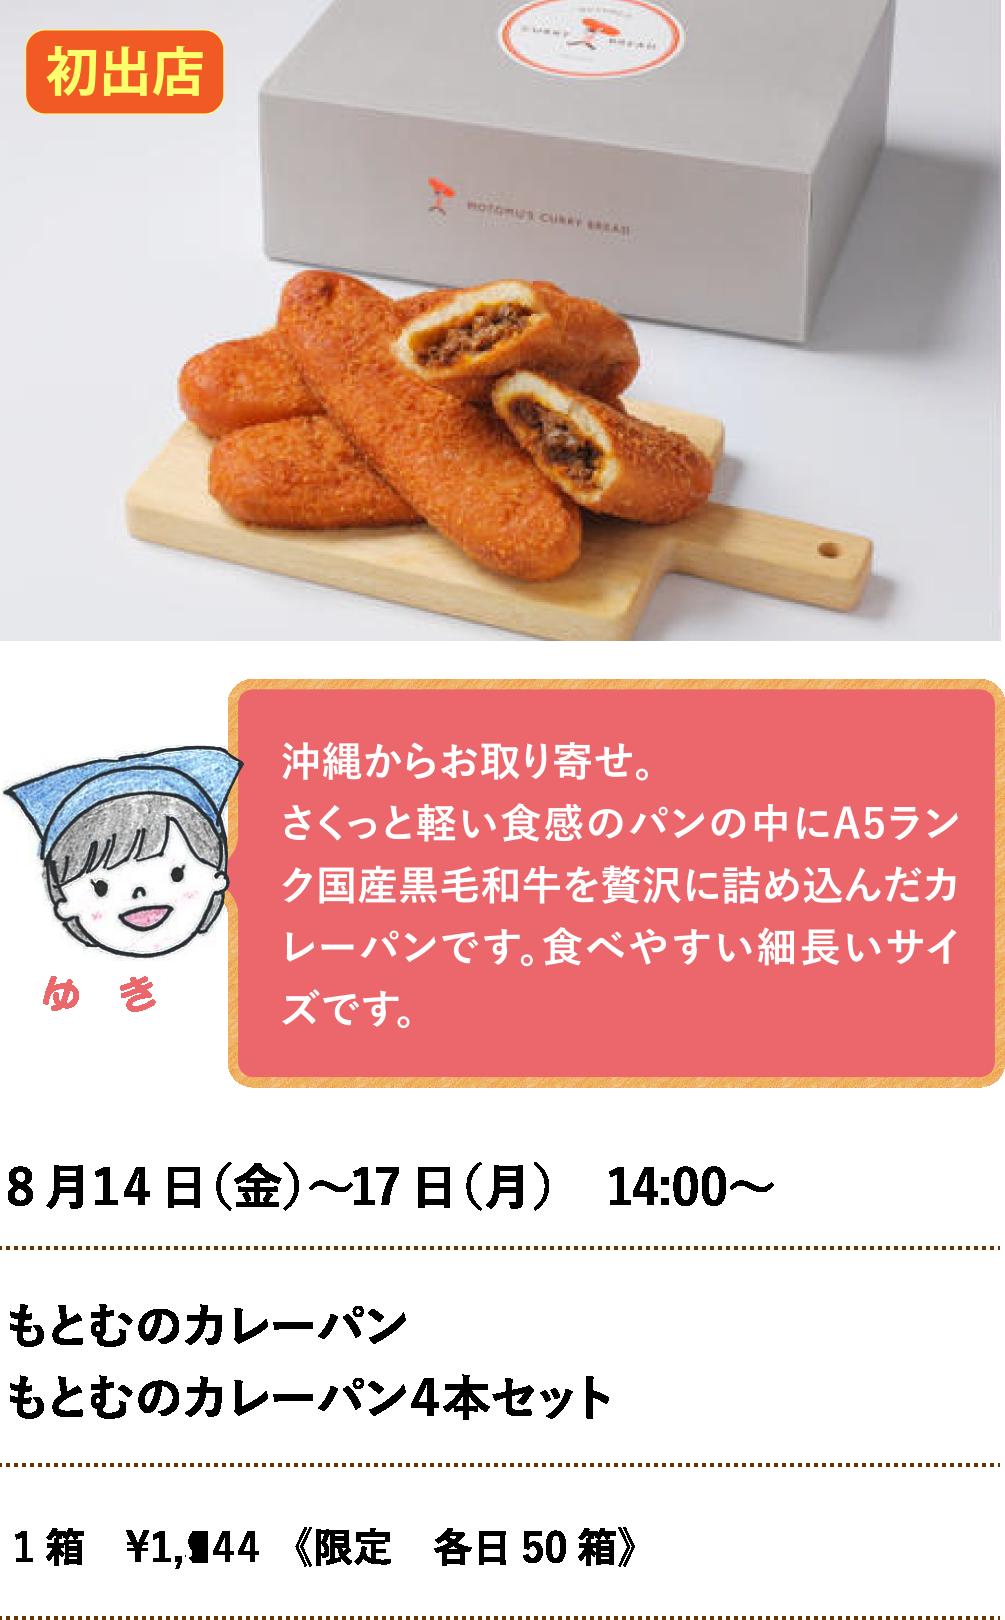 もとむのカレーパン